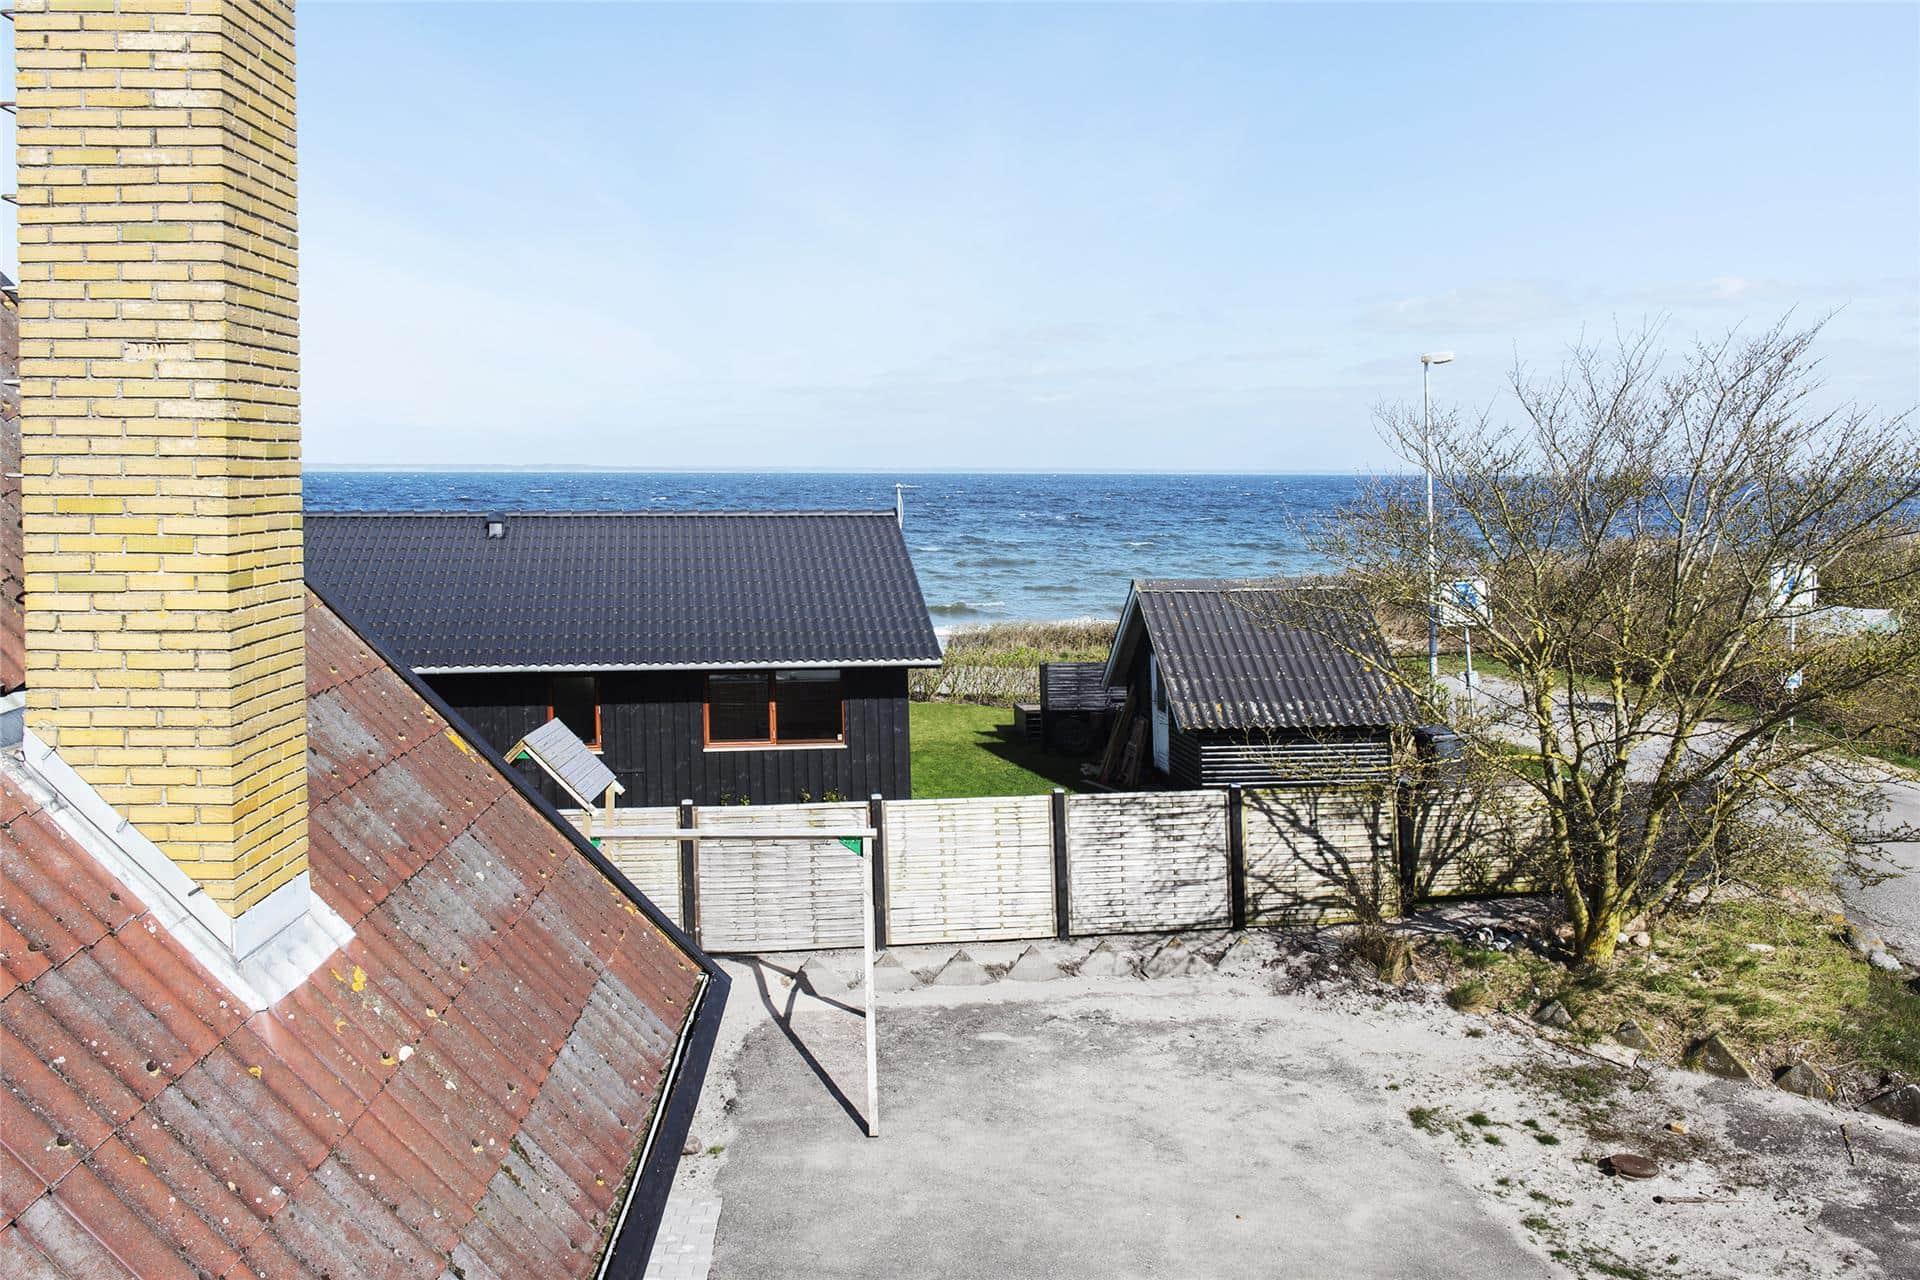 Billede 1-3 Sommerhus M64314, Bro Strandvej 36, DK - 5464 Brenderup Fyn